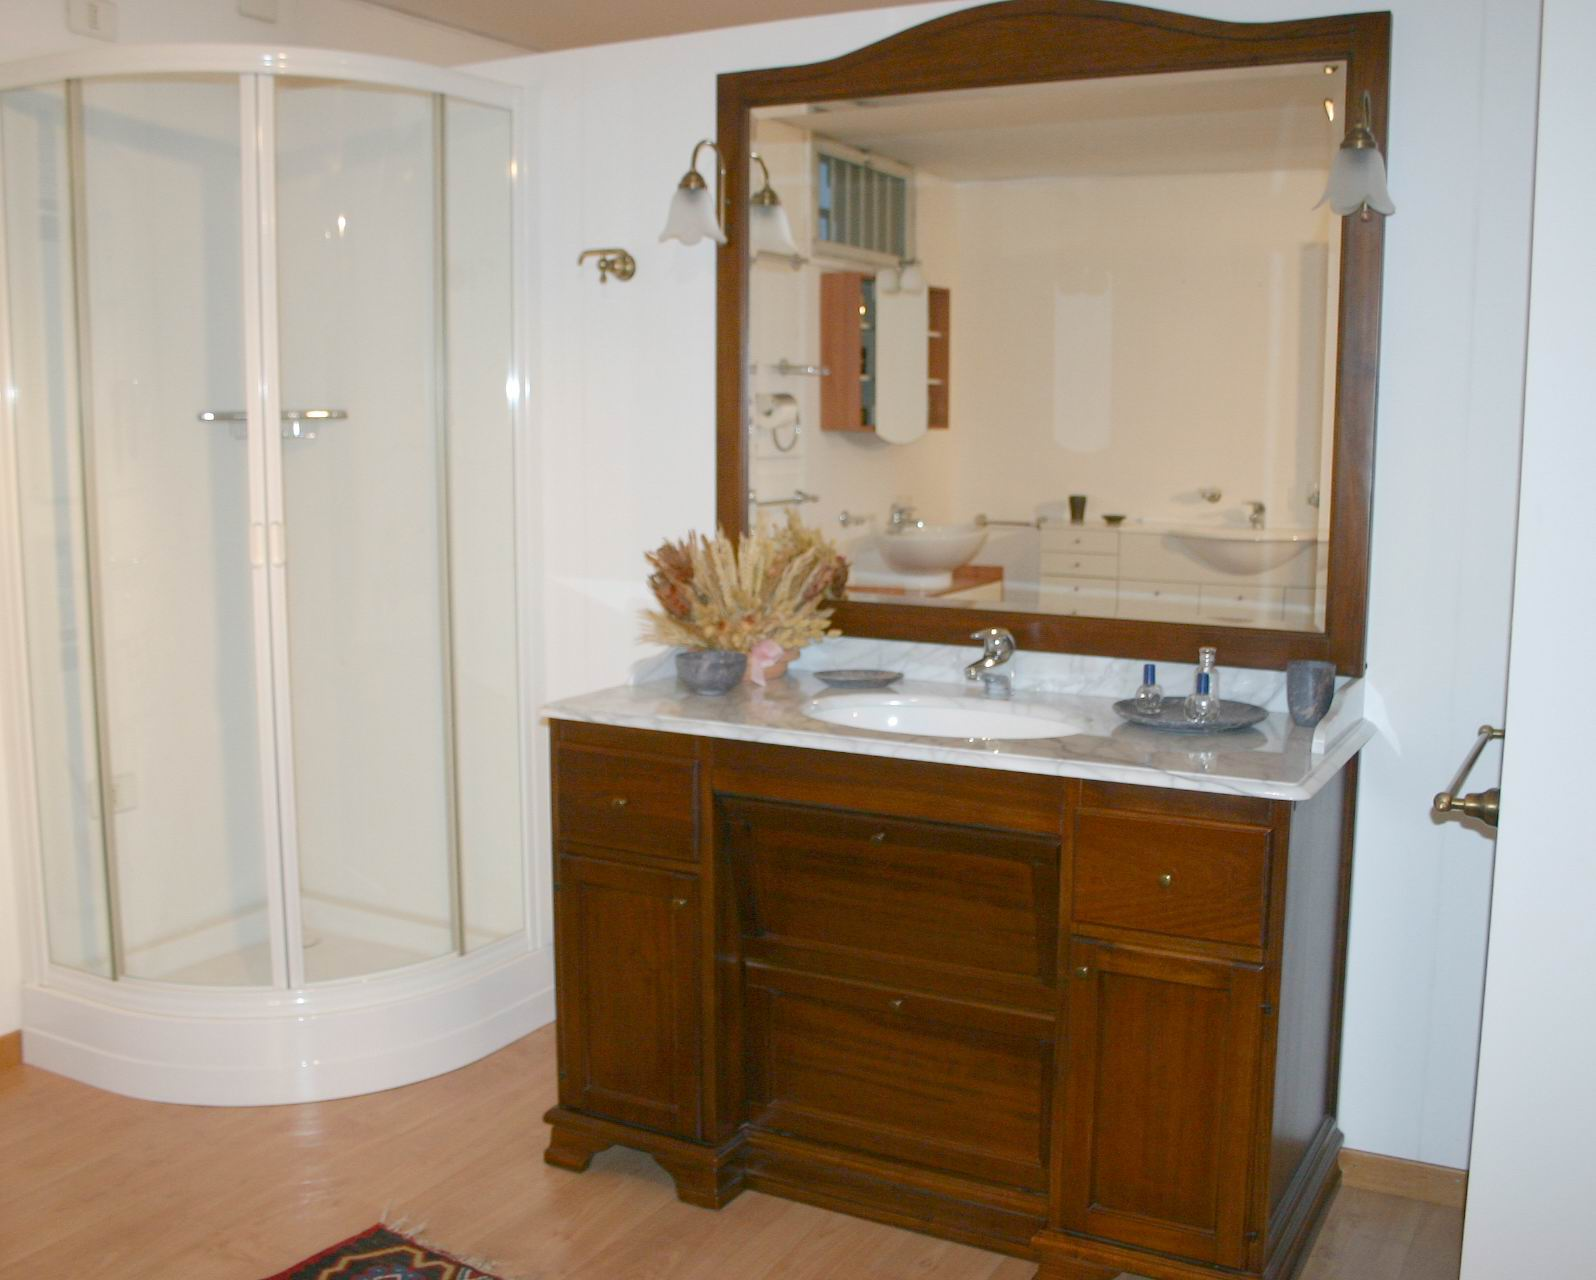 Arredo bagno mobili da bagno bergamo e provinciacarminati e sonzogni - Arredamento da bagno ...